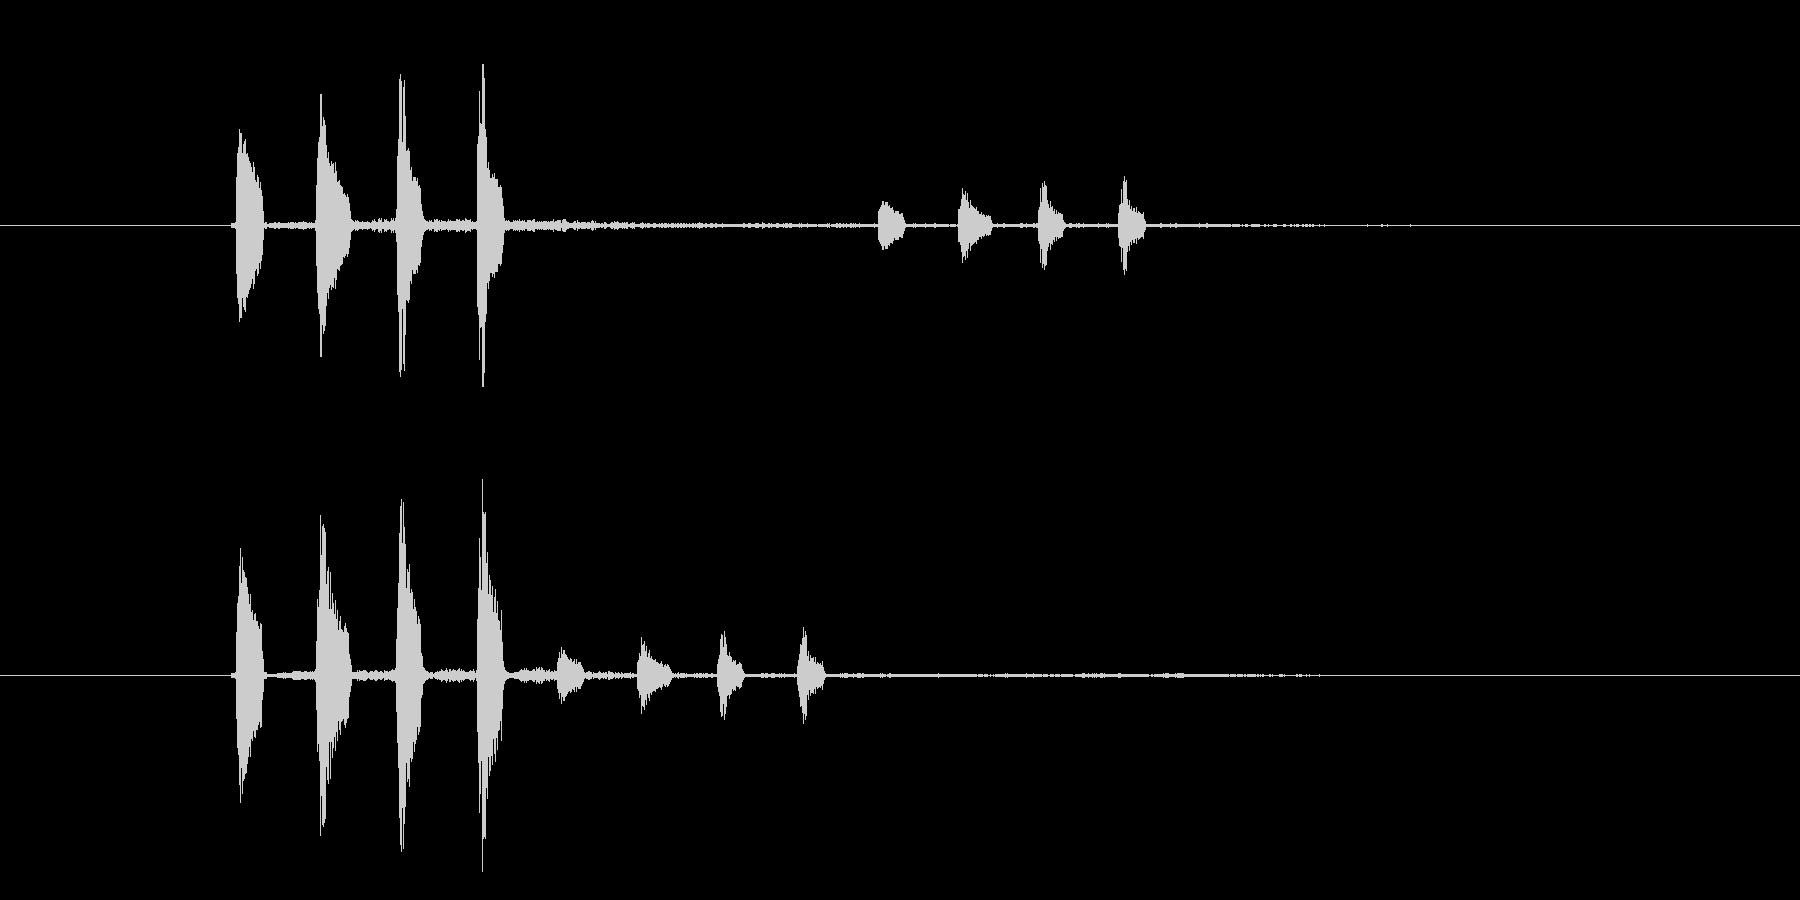 カンカンカン(金属、楽器)の未再生の波形